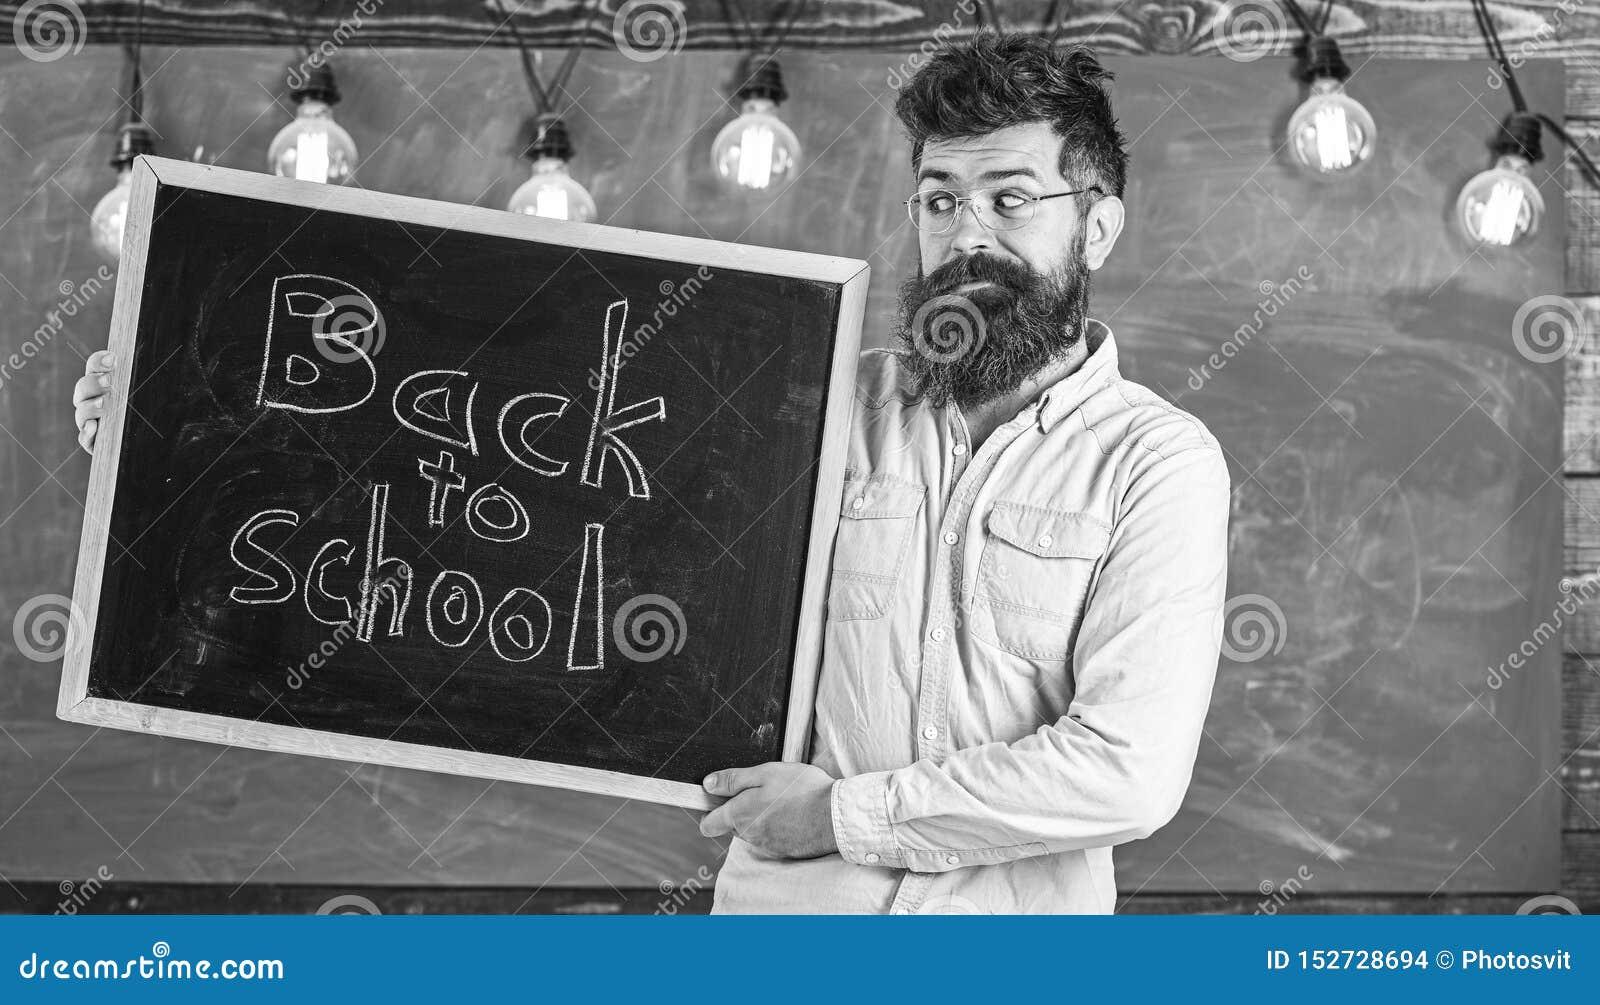 Utbildning och studerabegrepp Mannen med sk?gget och mustaschen p? gladlynt framsida v?lkomnar studenter, svart tavla p? bakgrund